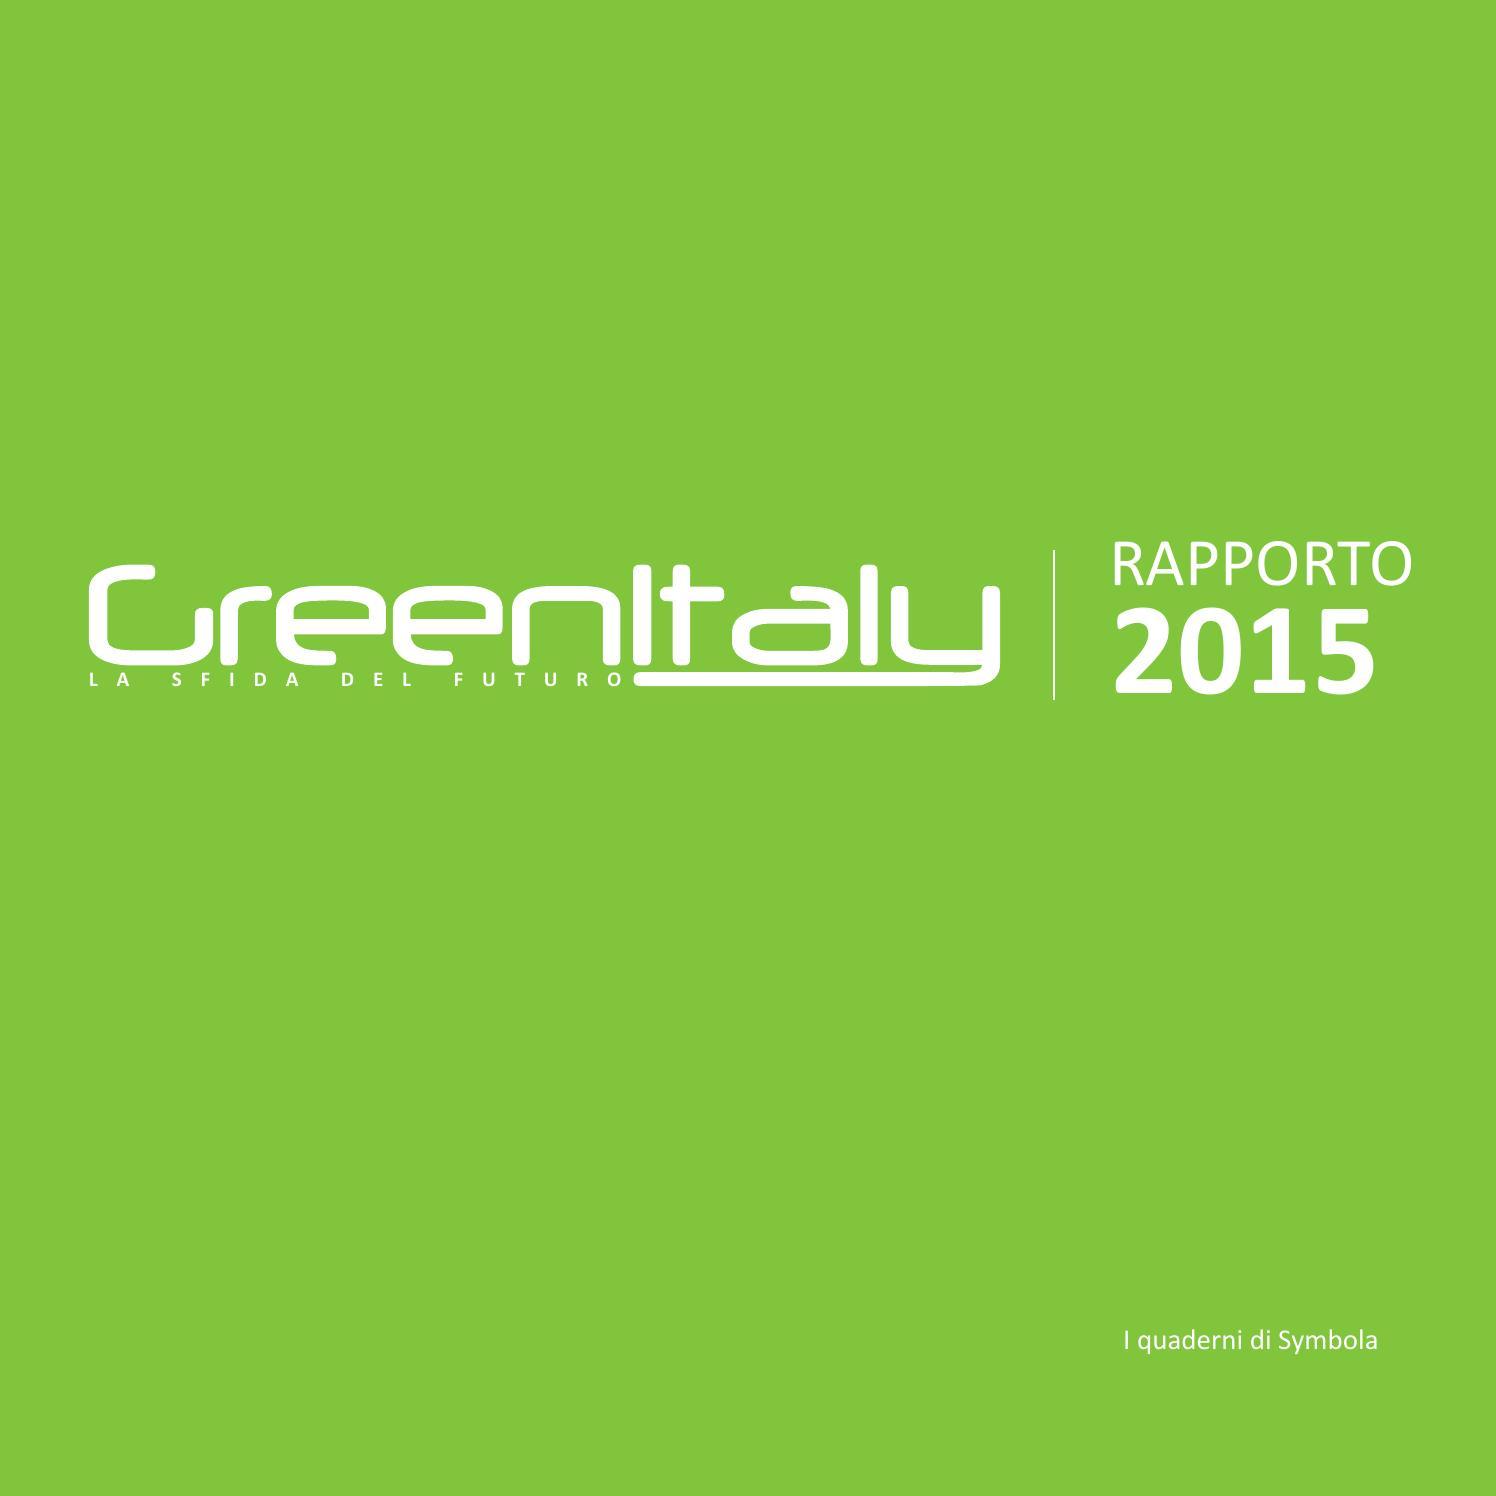 Risultati immagini per green italy rapporto 2015